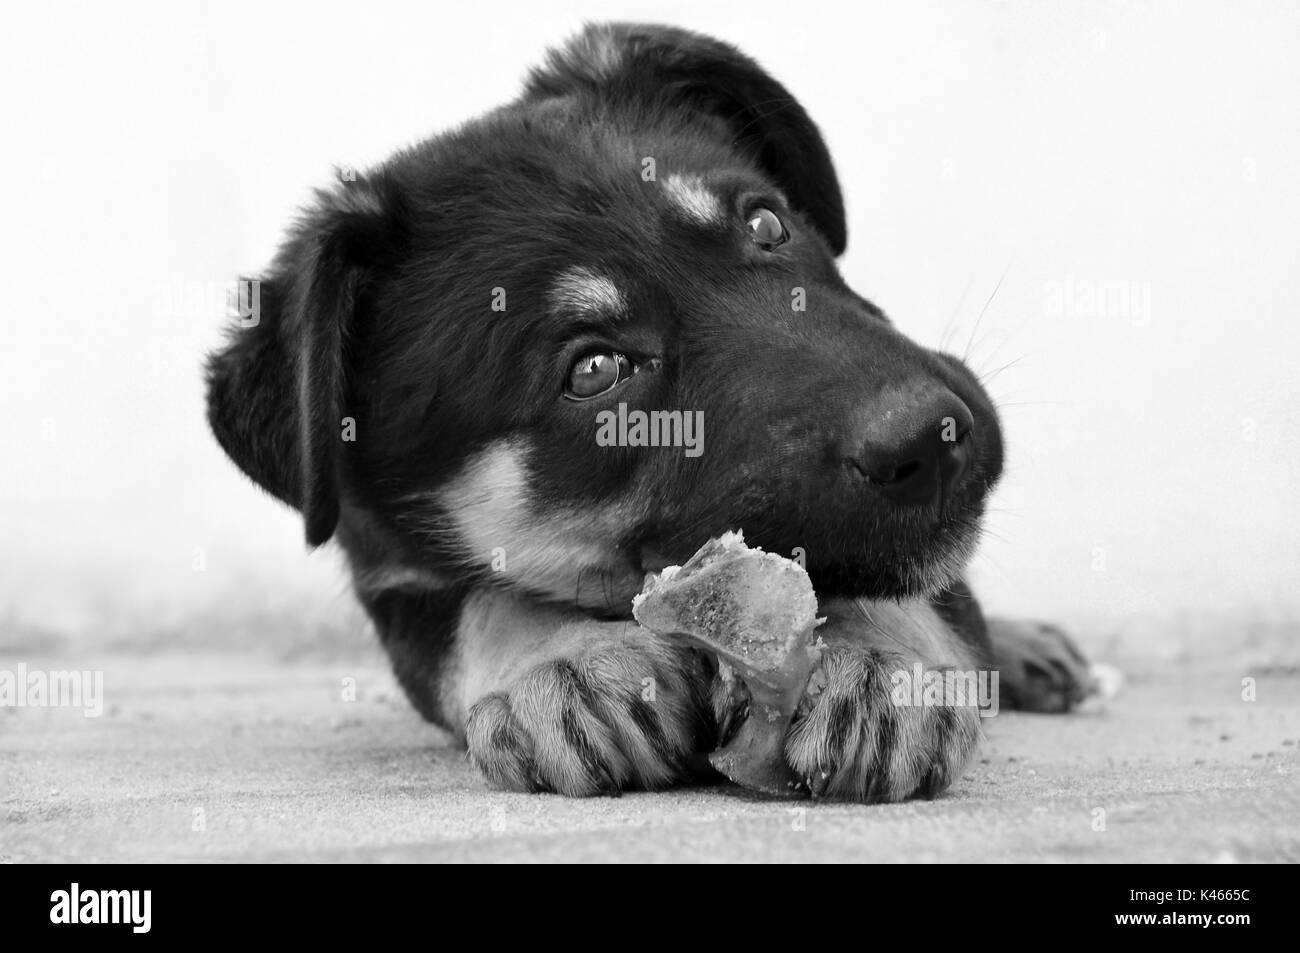 German Shepherd Dog Dangerous Stock Photos & German Shepherd Dog ...